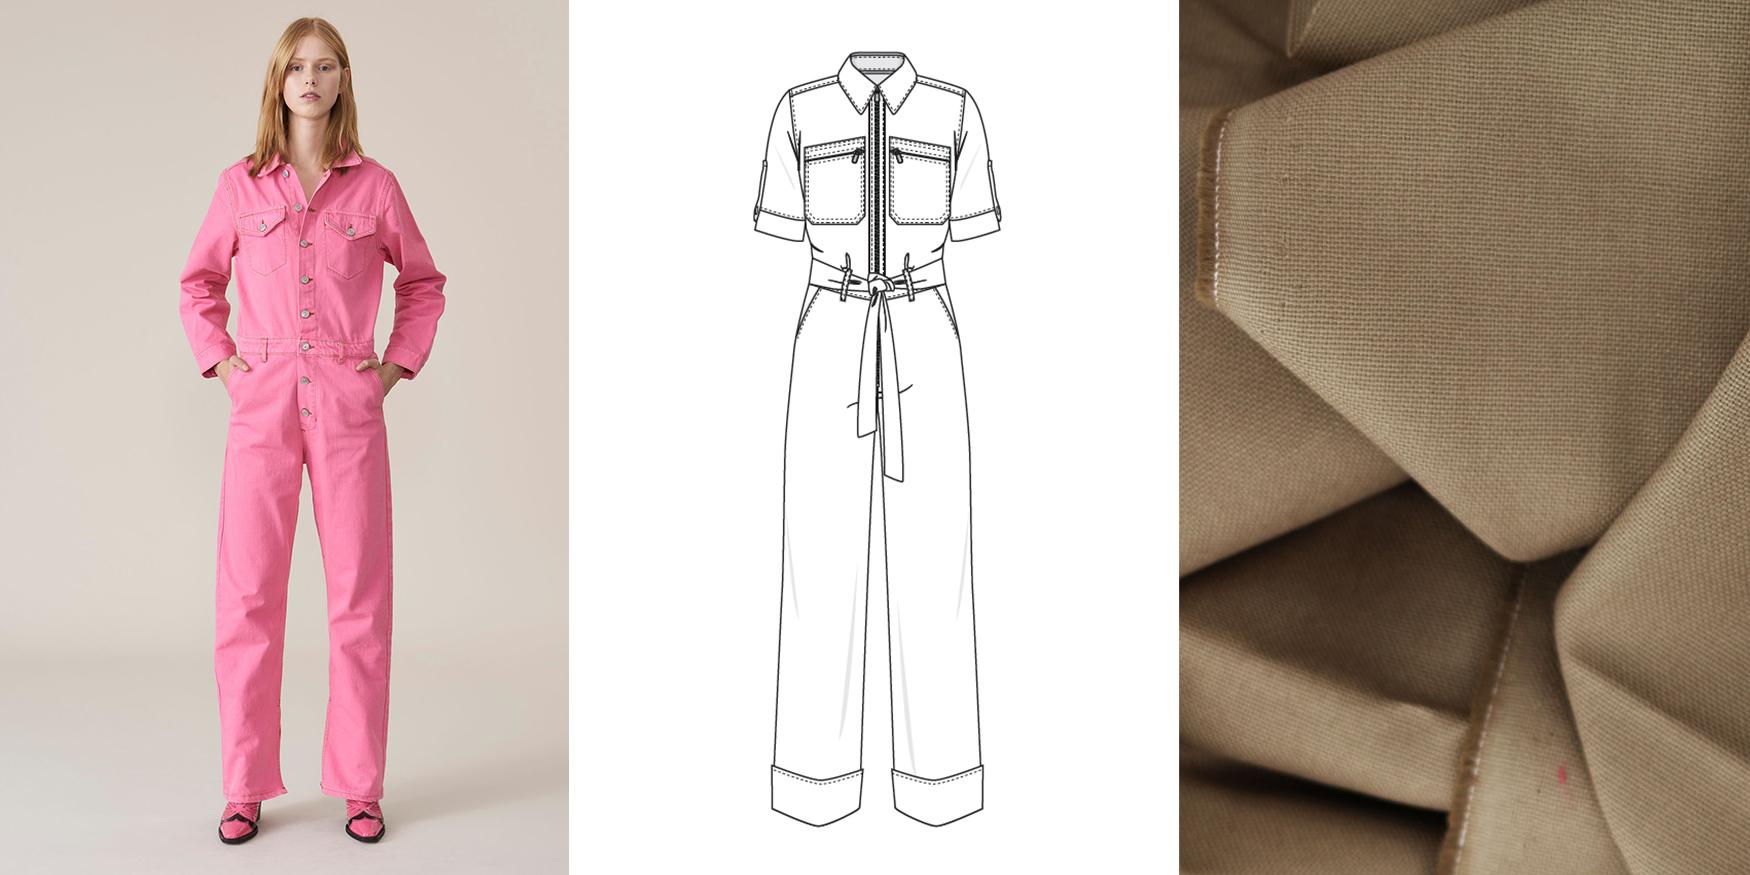 Les plus audacieuses la choisiront en jeans dans des couleurs inattendues,  comme du rose en référence aux années 80. 82b14f71a98